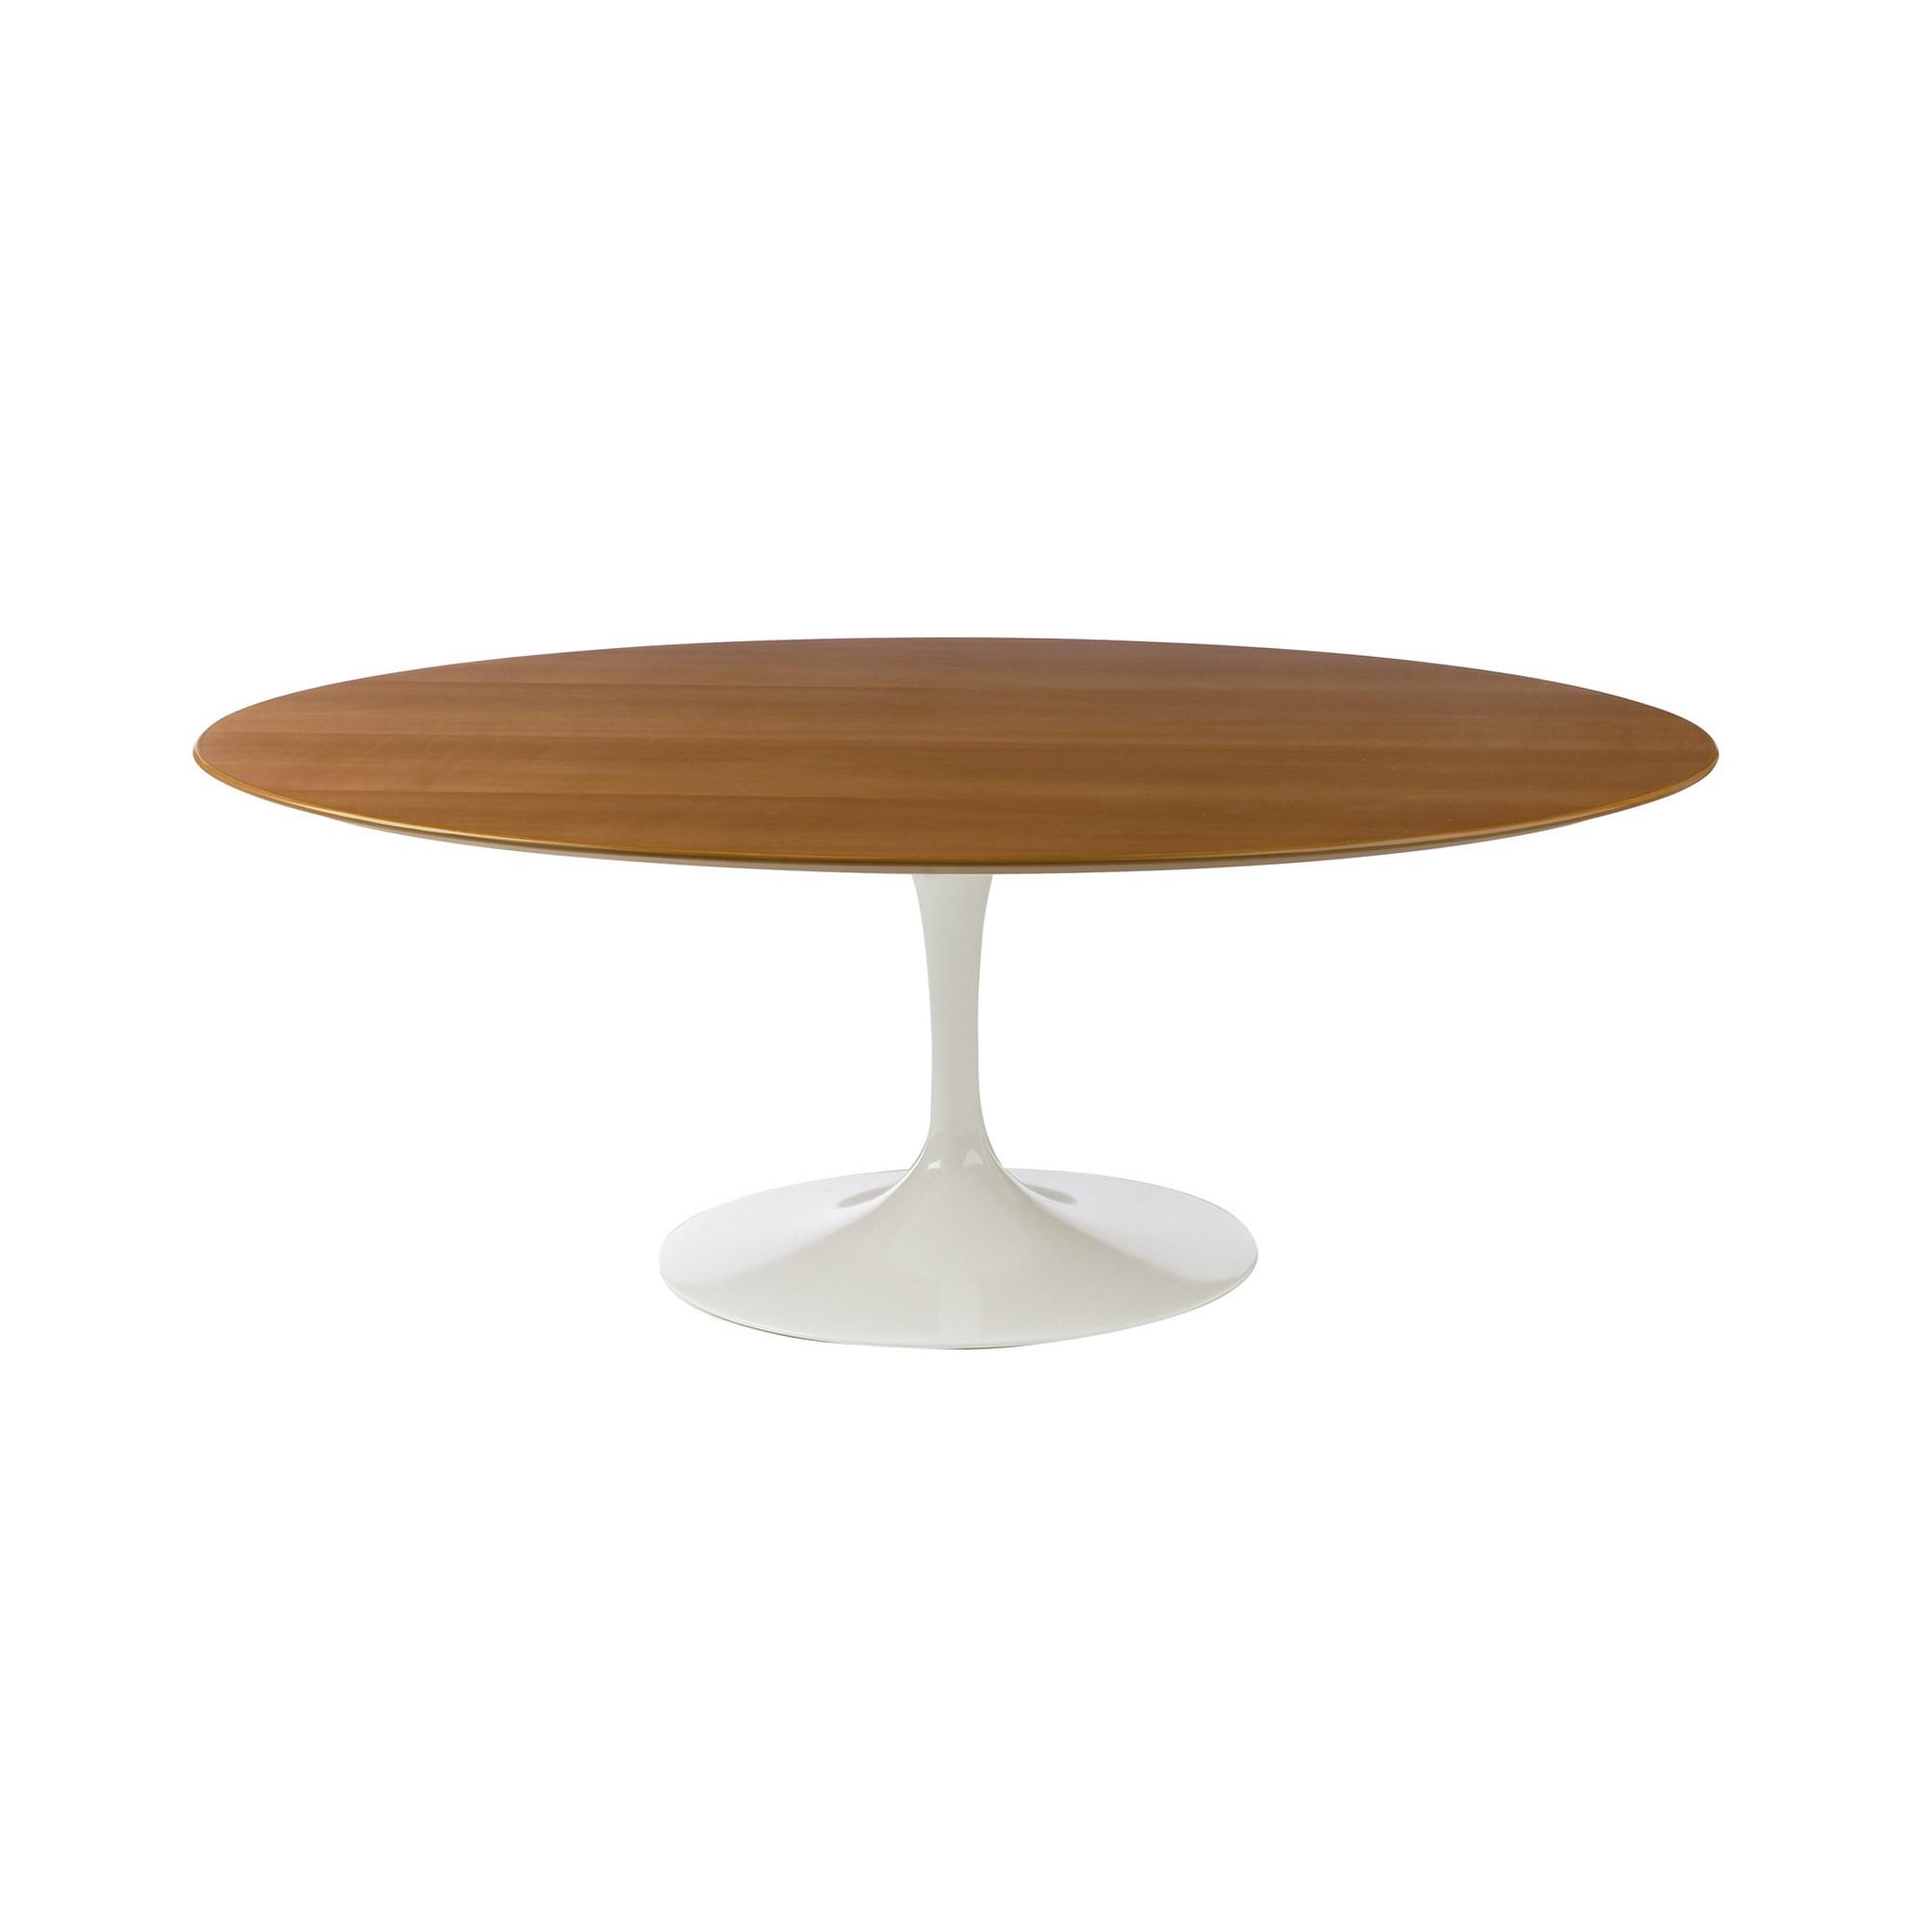 inspiration saarinen oval dining tableskandium